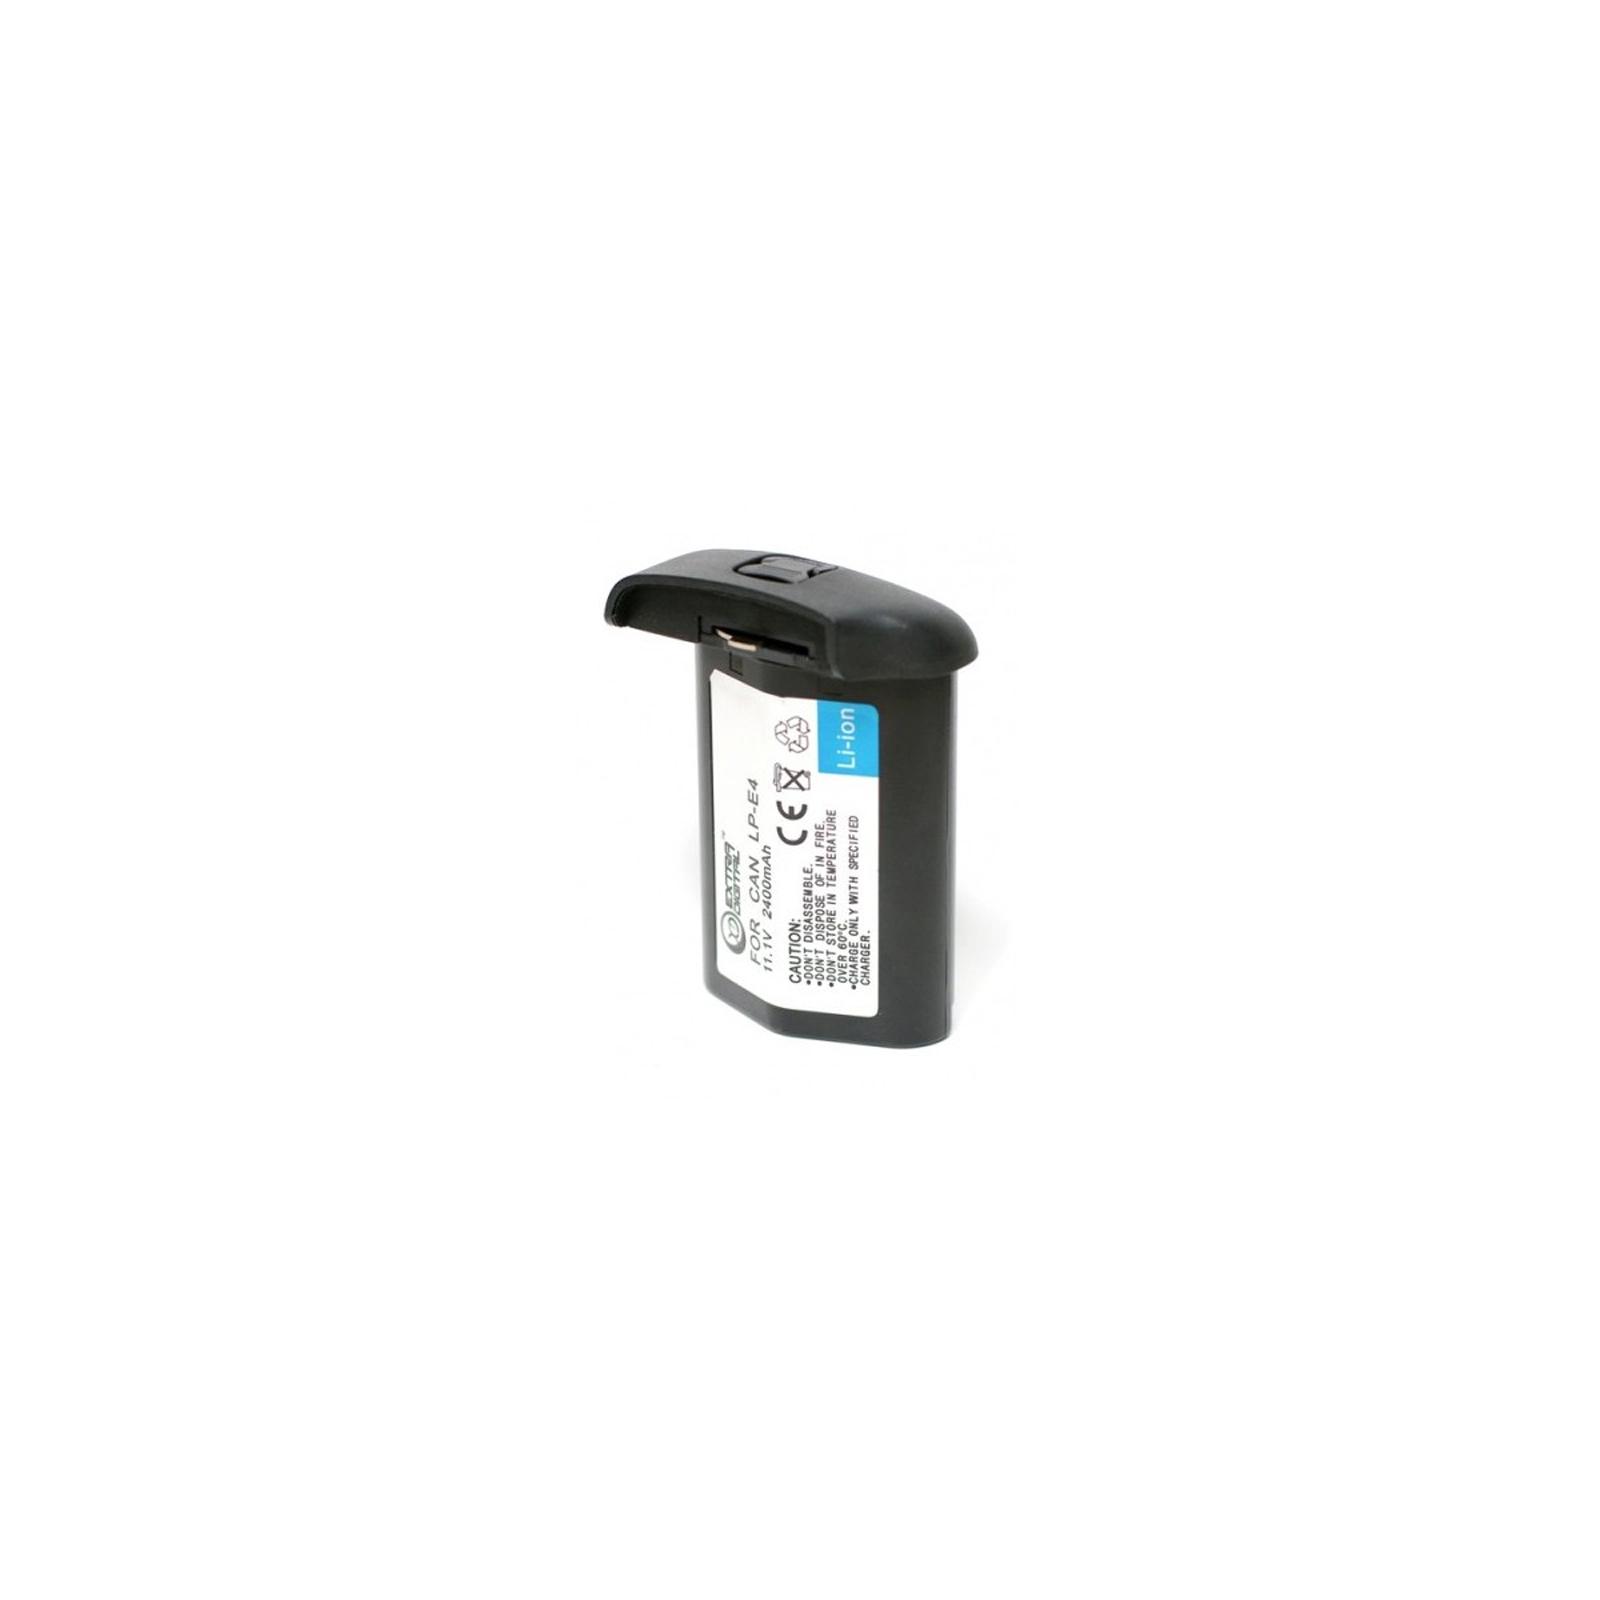 Аккумулятор к фото/видео EXTRADIGITAL Nikon EN-EL4 (DV00DV1039) изображение 2